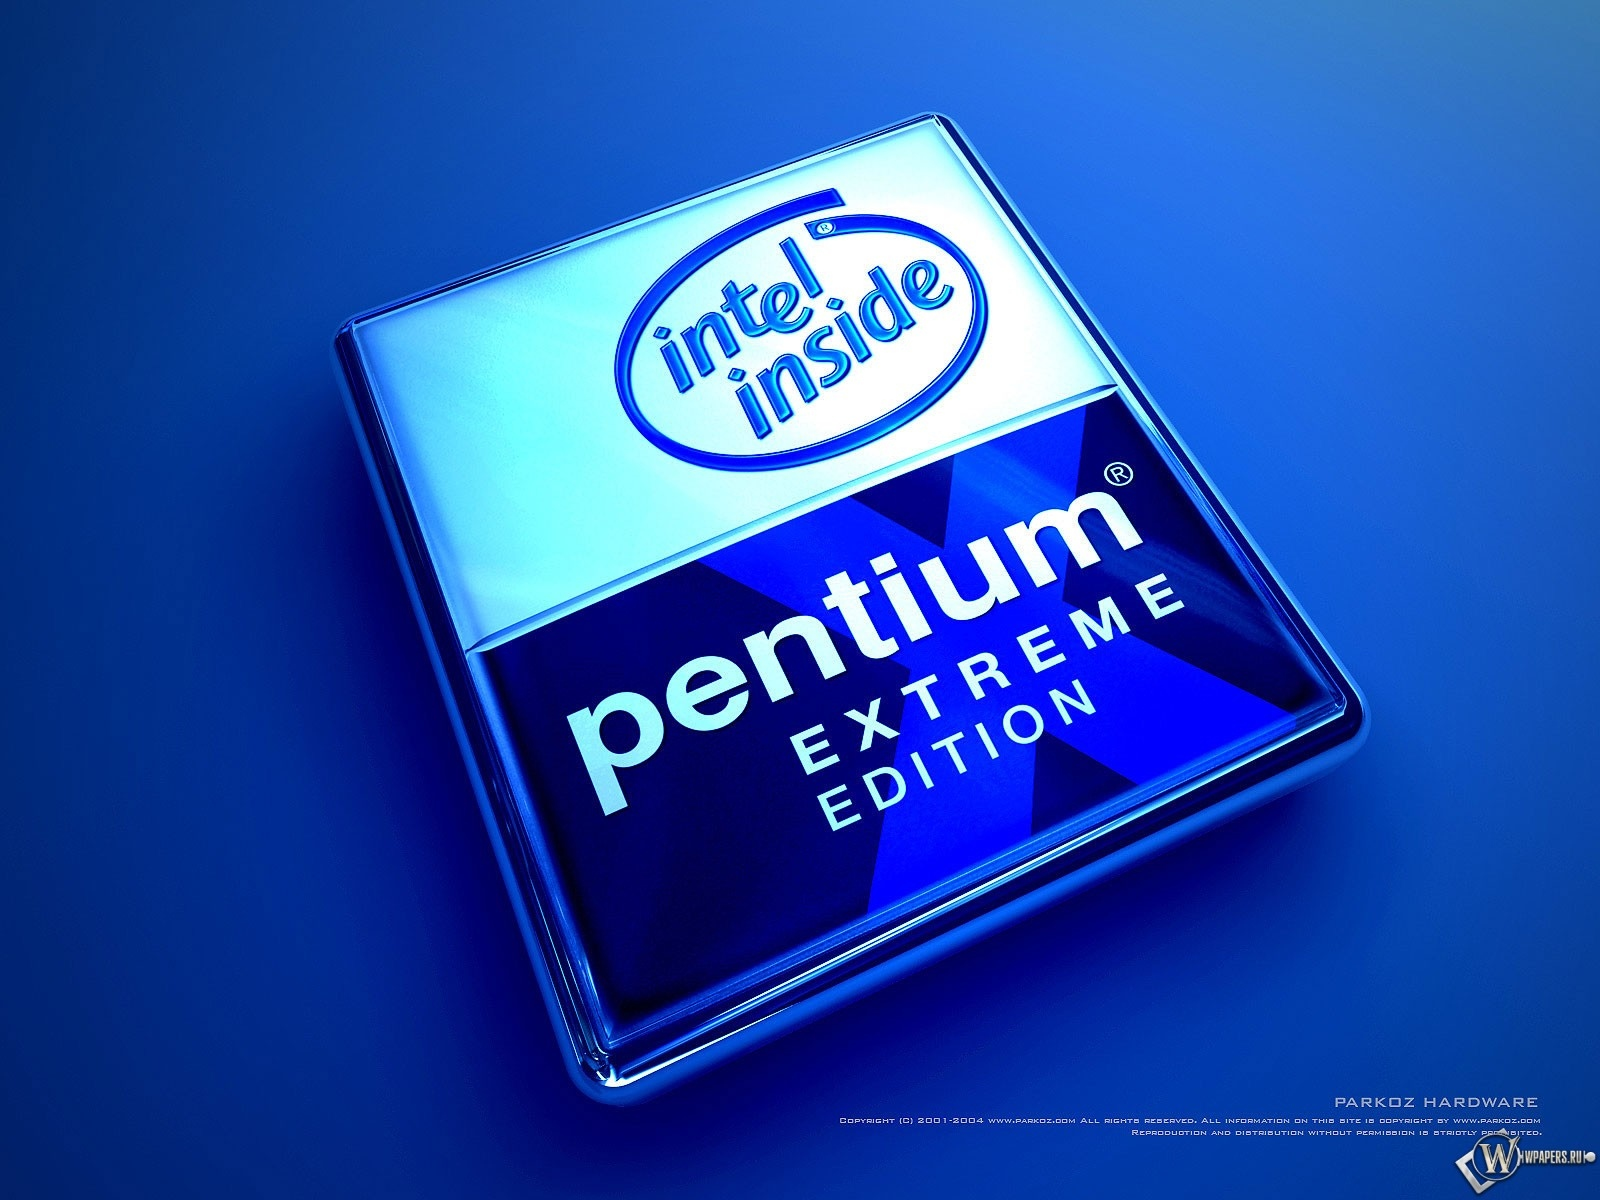 Pentium 1600x1200